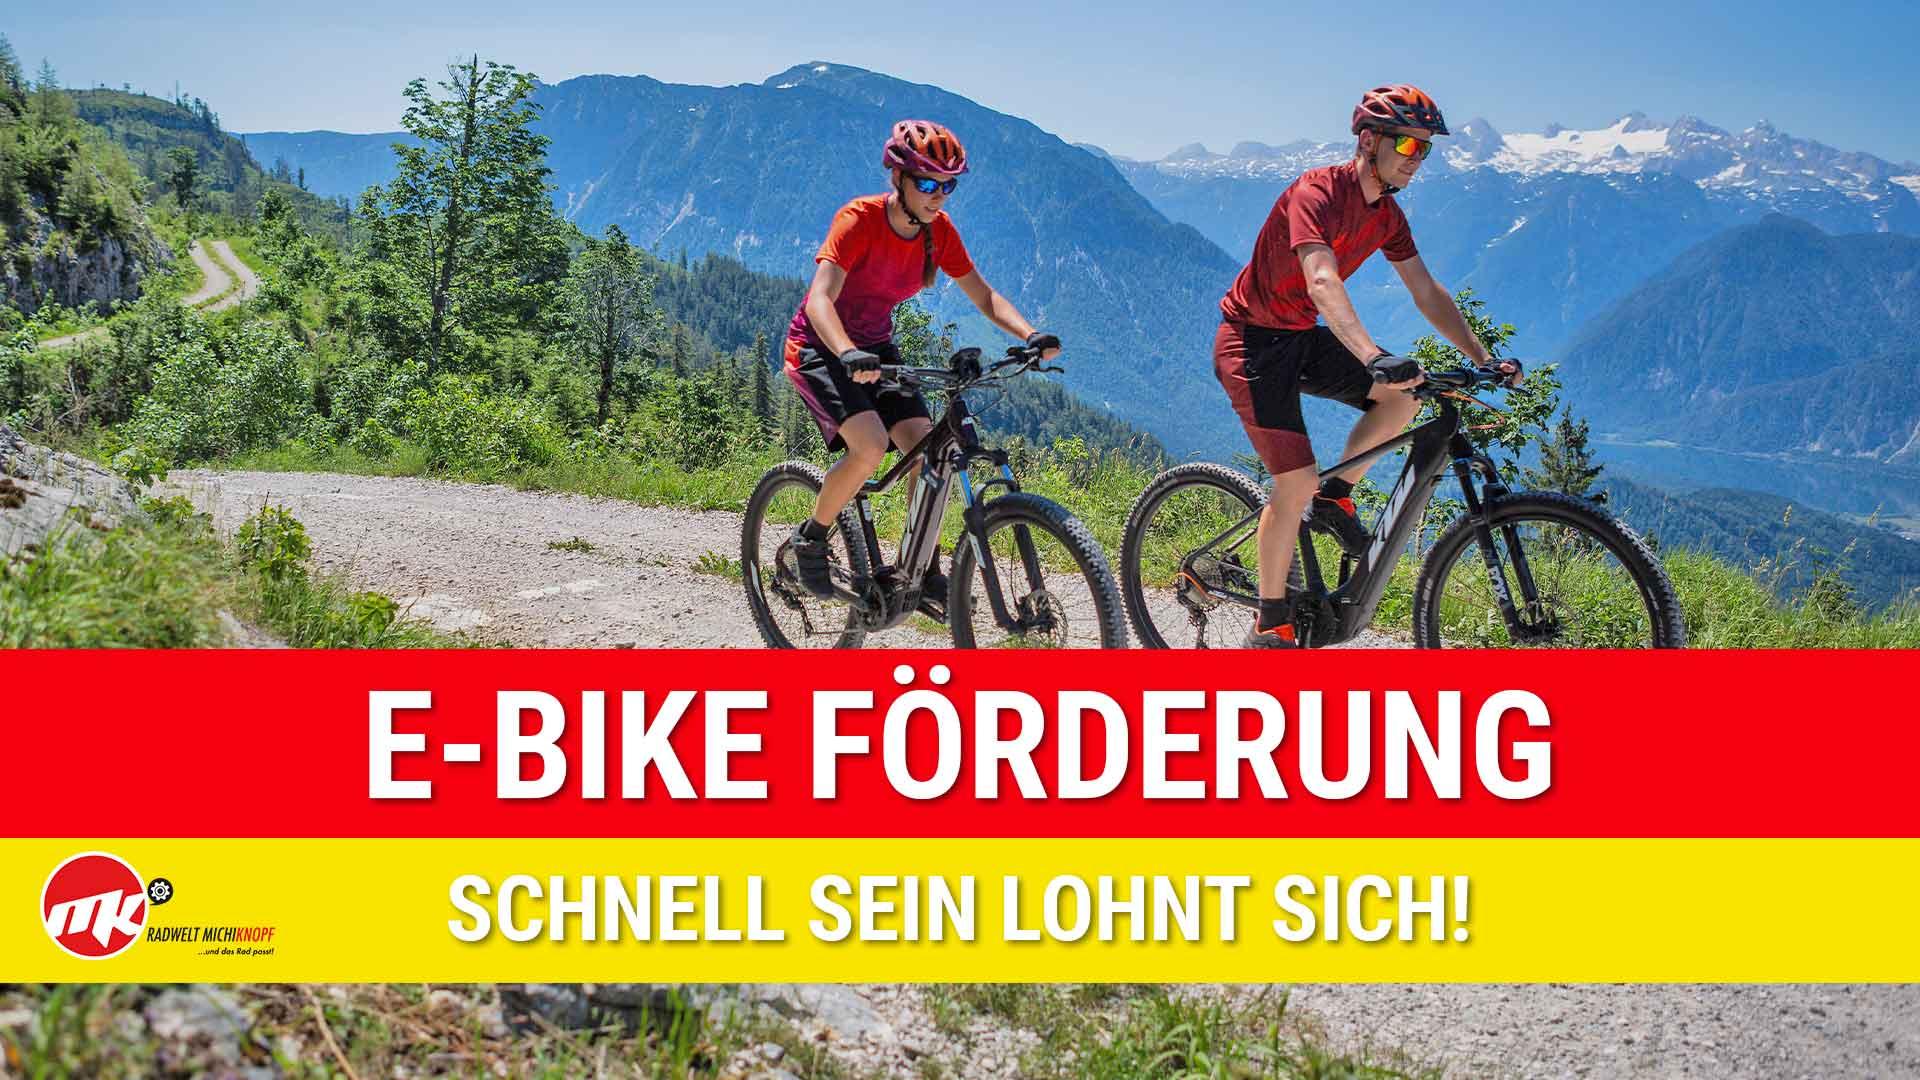 Es gibt wieder die E-Bike Förderung im Burgenland. Bei dieser E-Mobilitätsförderung sind alle Elektrofahrräder betroffen.